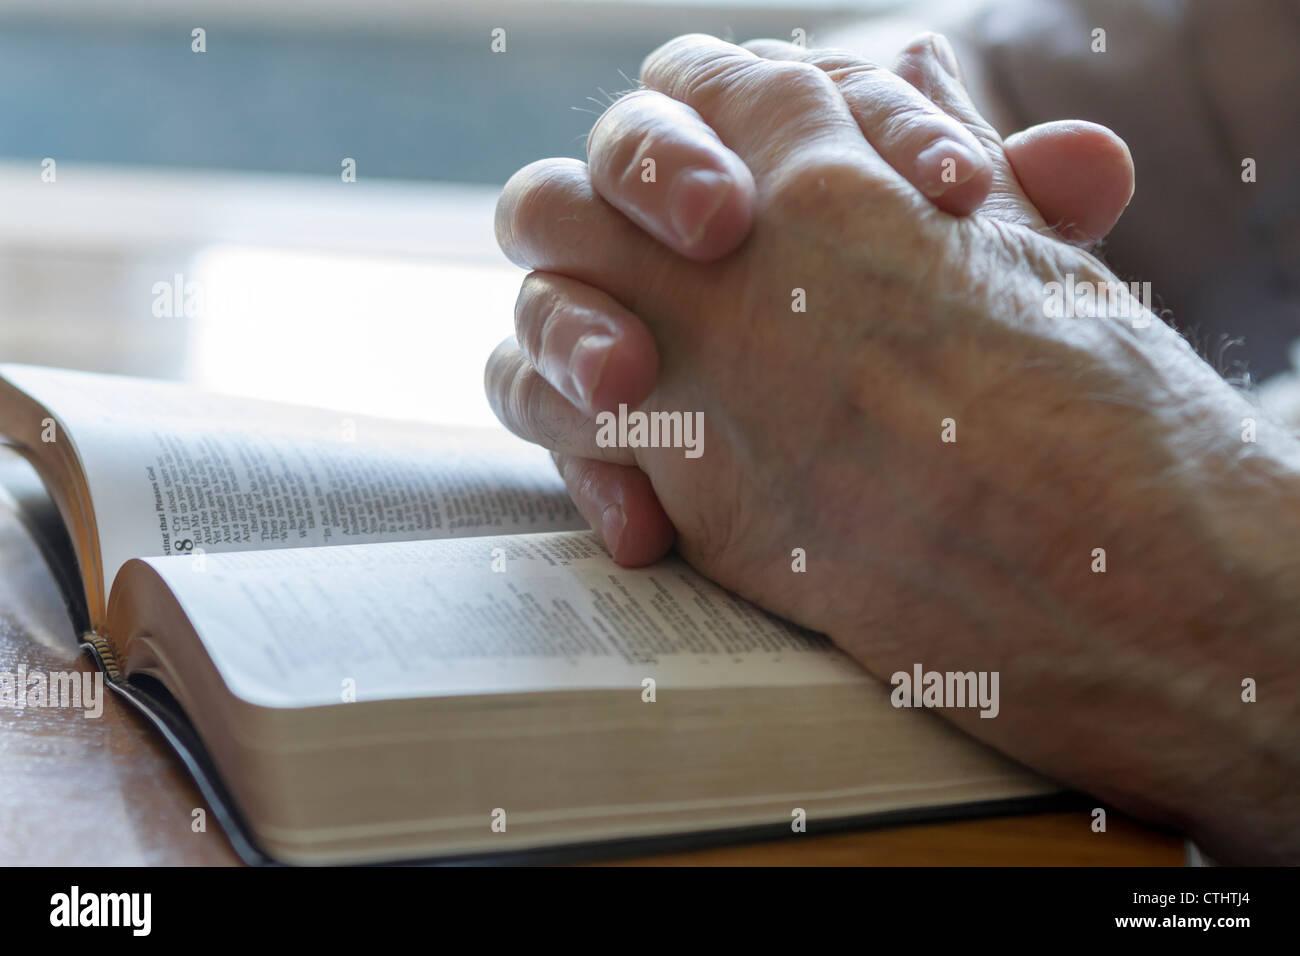 Old Man's ensuciándose las manos entrelazadas en la oración a través de Biblia abierta Imagen De Stock